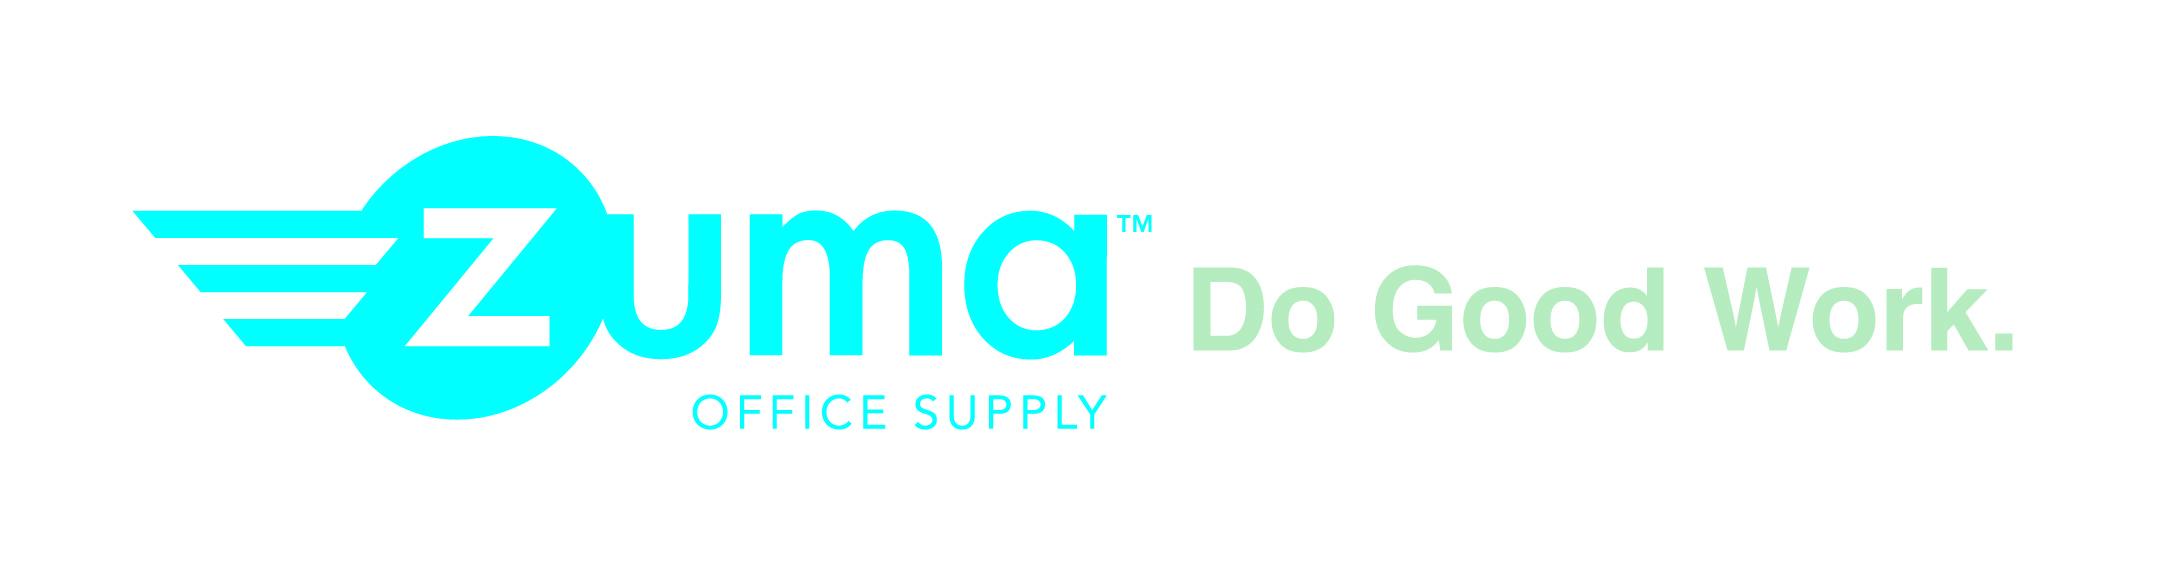 Zuma Office Supply - Do Good Work!